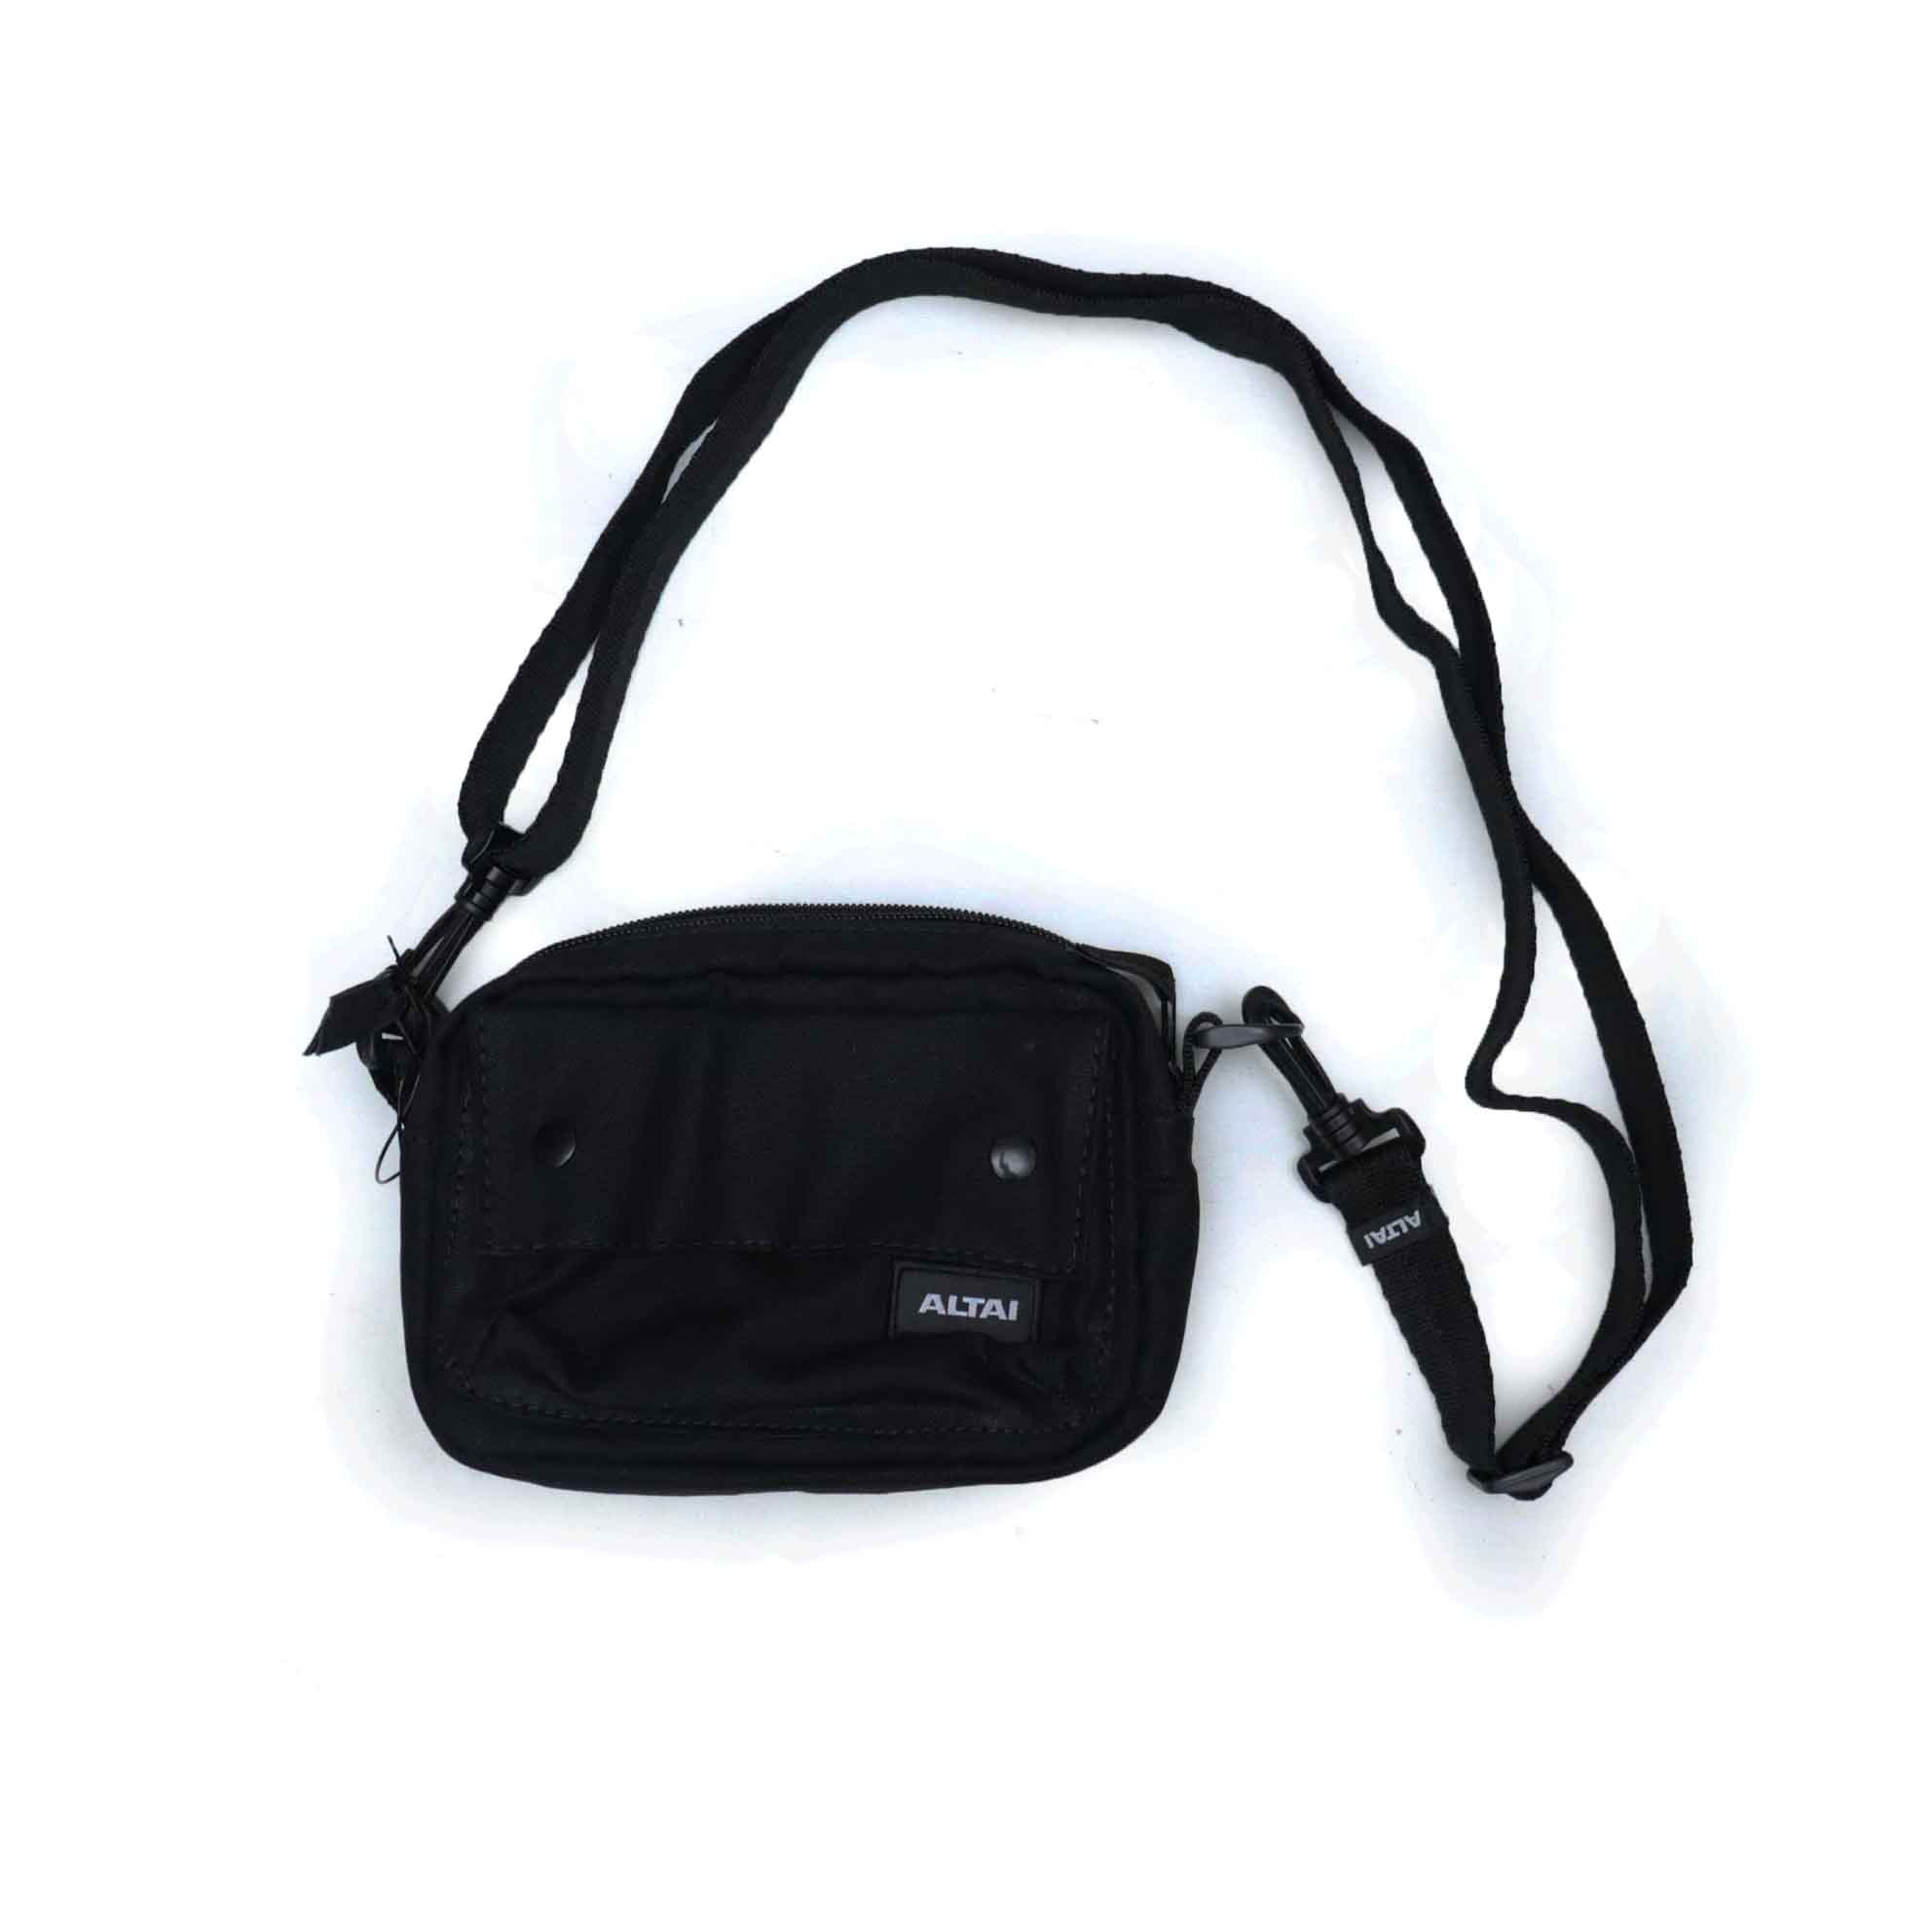 Shoulder Bag Altai Basica - Preto